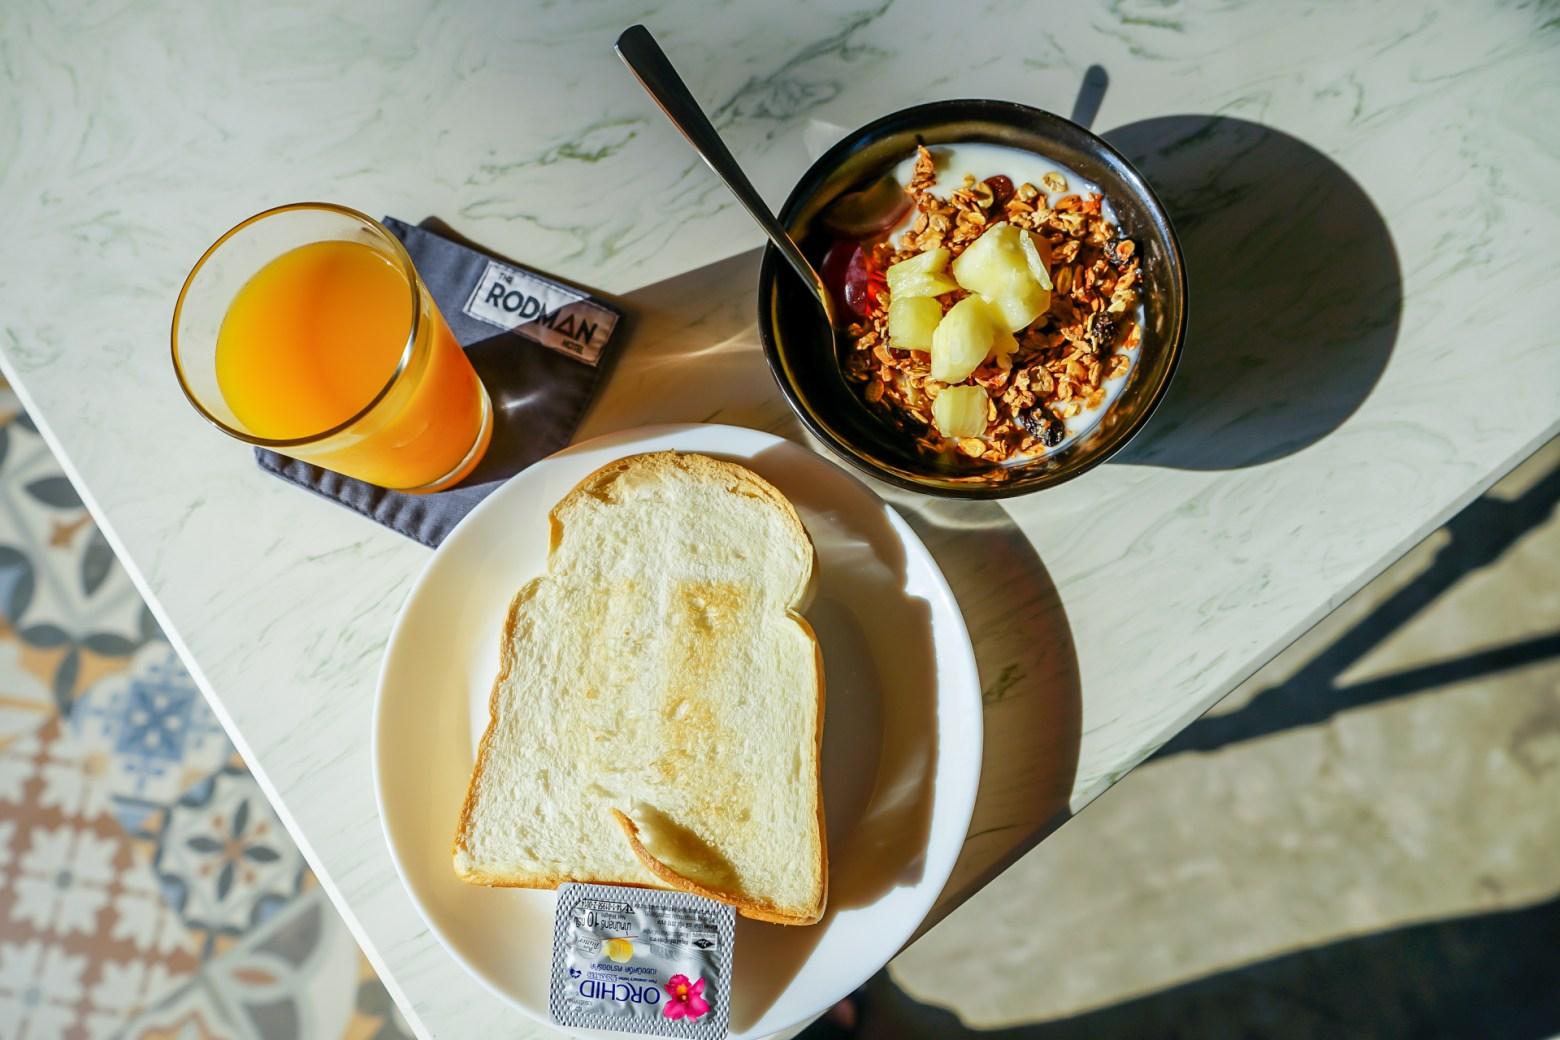 我跟Penny都超愛吃飯店早餐的,覺得旅遊的開始就是好好的在飯店吃早餐,吃一頓滿意的早餐一整天心情都會好起來!